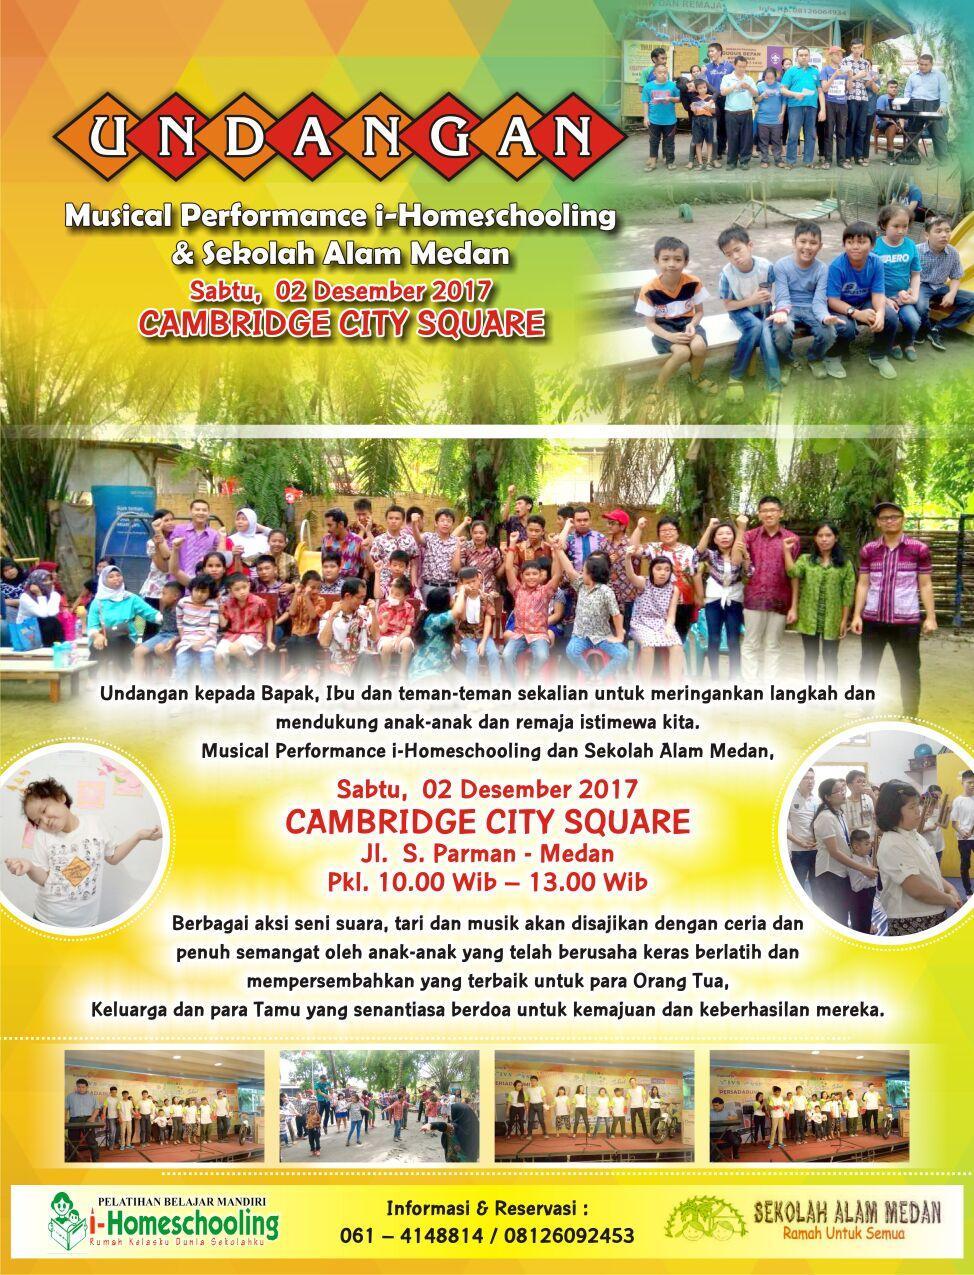 Homeschooling Musical Performance Sekolah Alam Medan Hadiri Saksikanlah Berbagai Seni